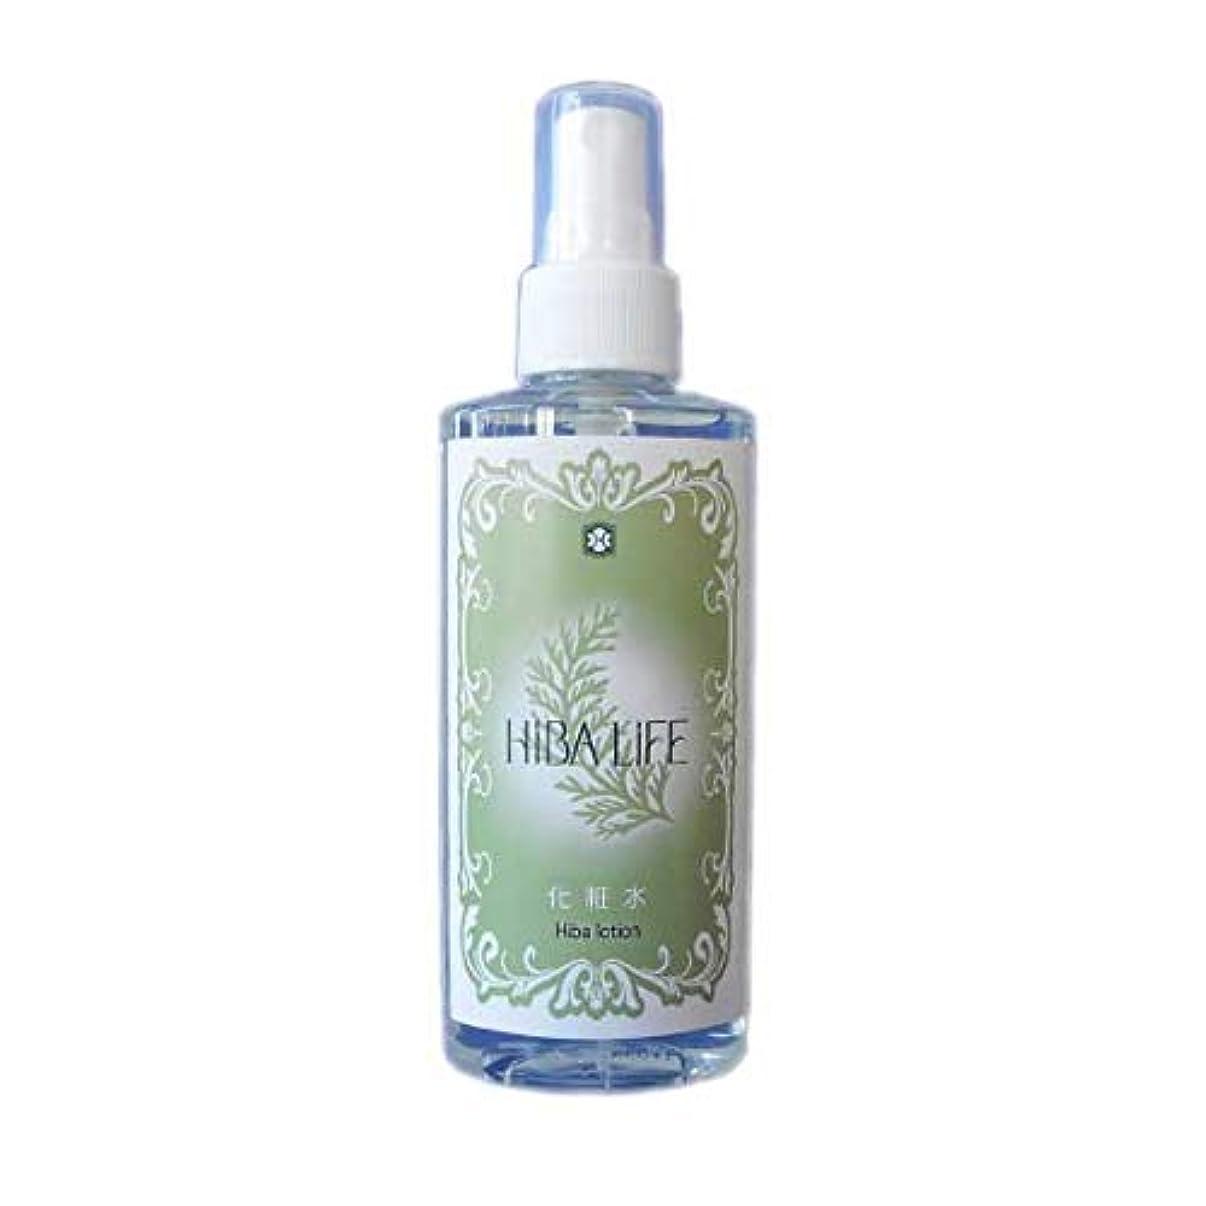 回転する俳句バルーンひばの森化粧水